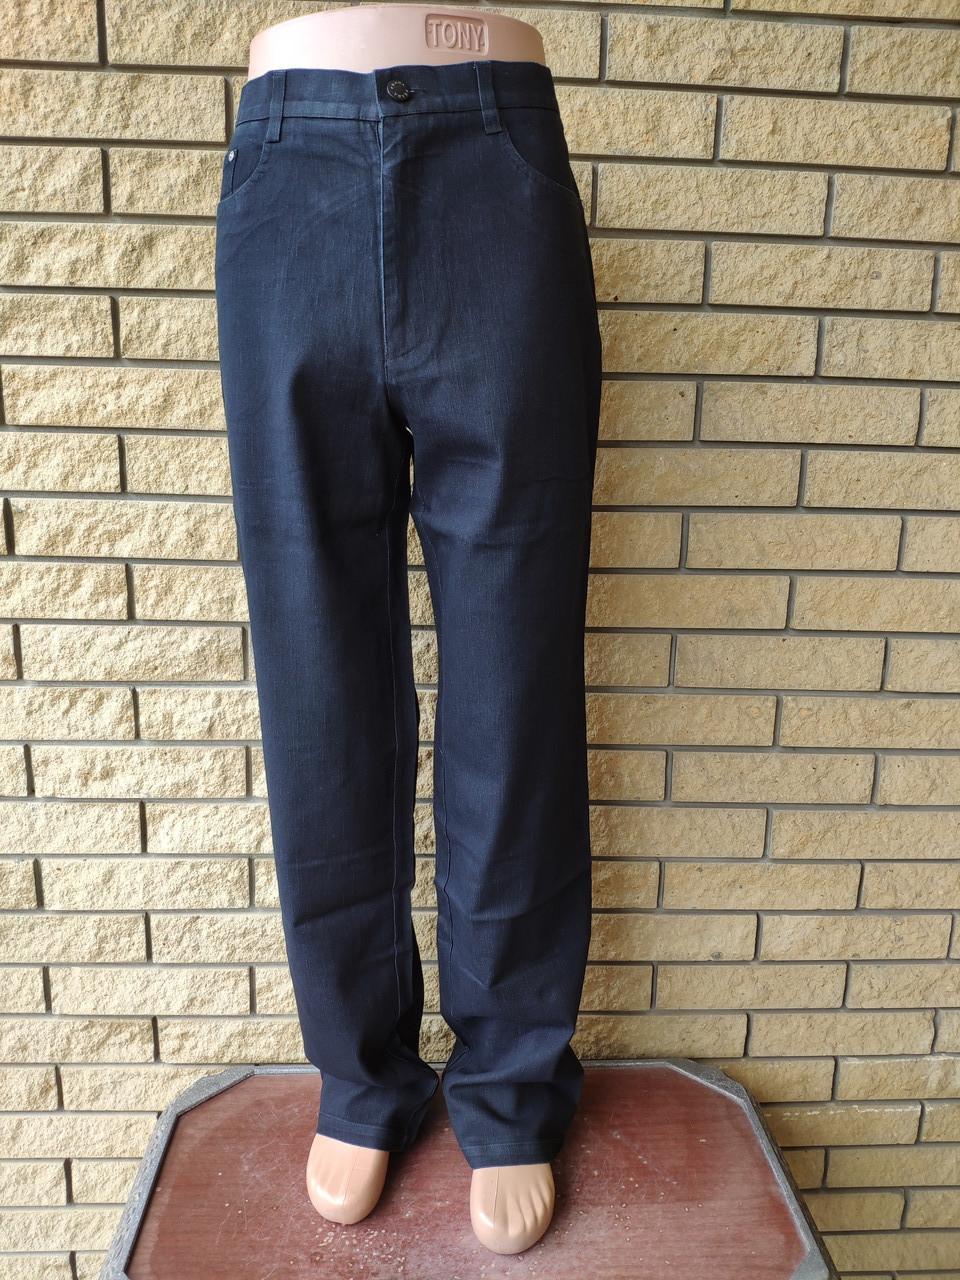 91dfe3d93ac78 Джинсы мужские брендовые стрейчевые, есть большие размеры, реплика PRADA,  Турция - ГАРДЕРОБ в